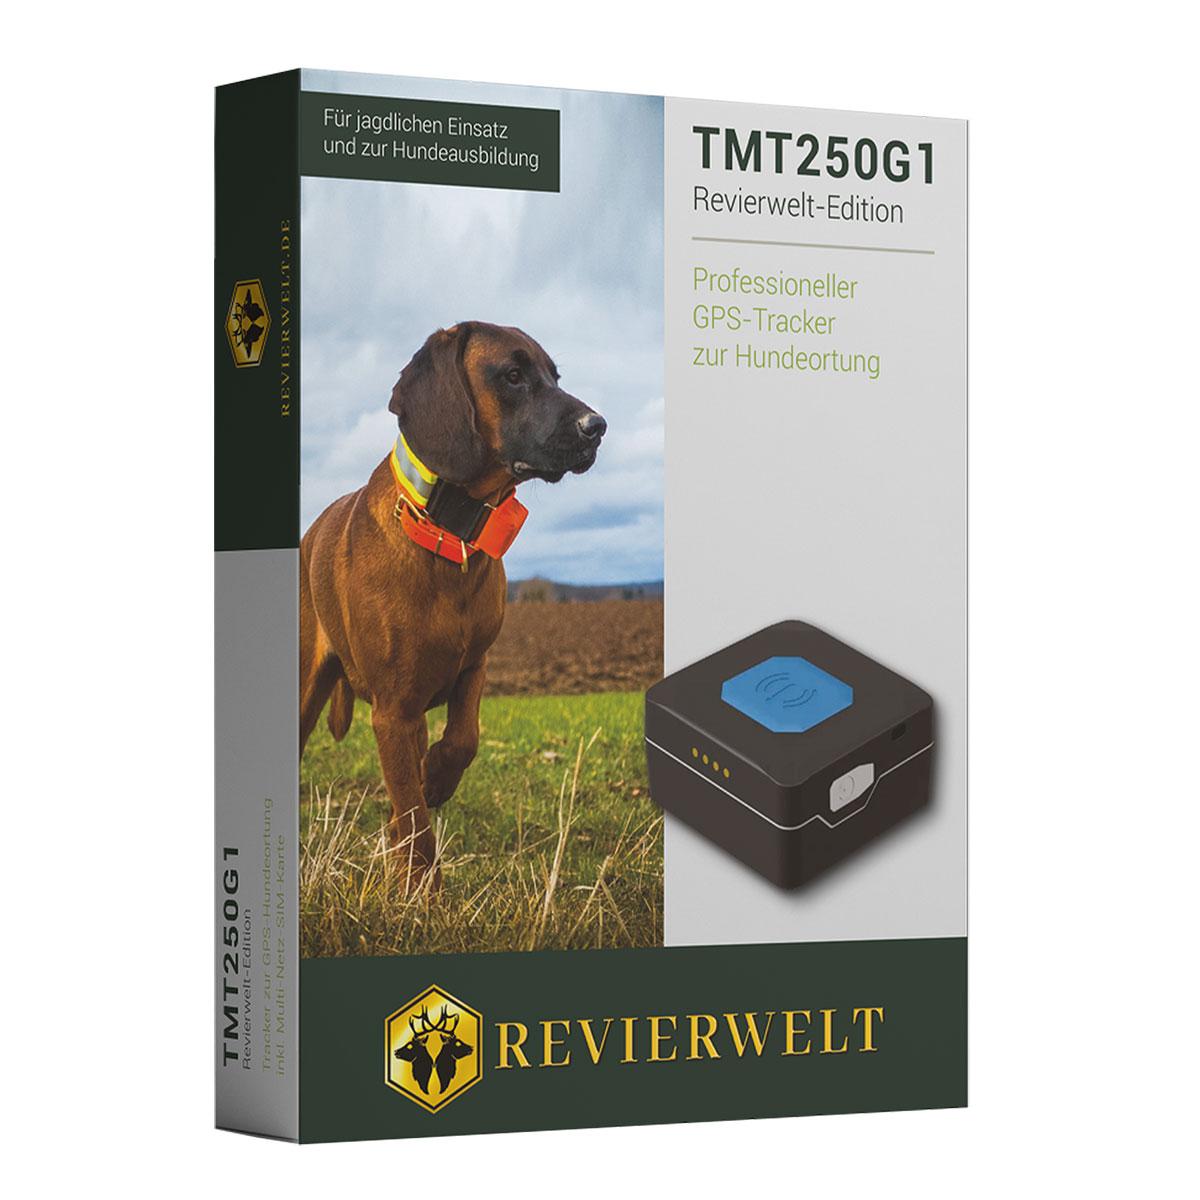 GPS Tracker TMT250G1 Revierwelt-Edition im Pareyshop